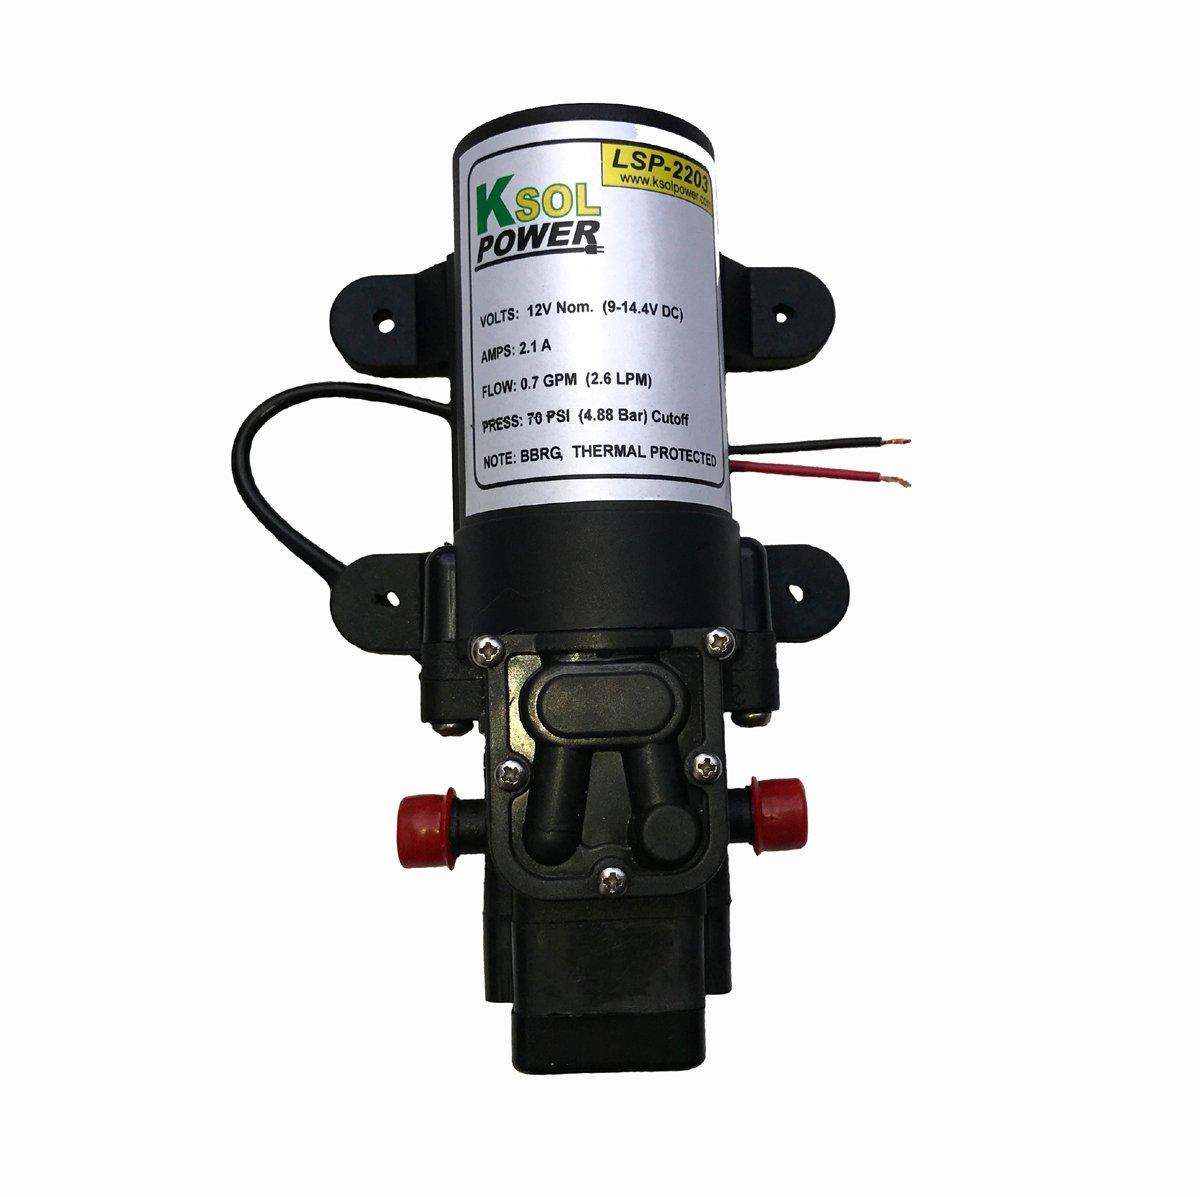 Surface Diaphragm Water Pump, 12VDC, 2.1A, 70PSI, 2.6LPM, 3/8'' Barb, KSOL Power